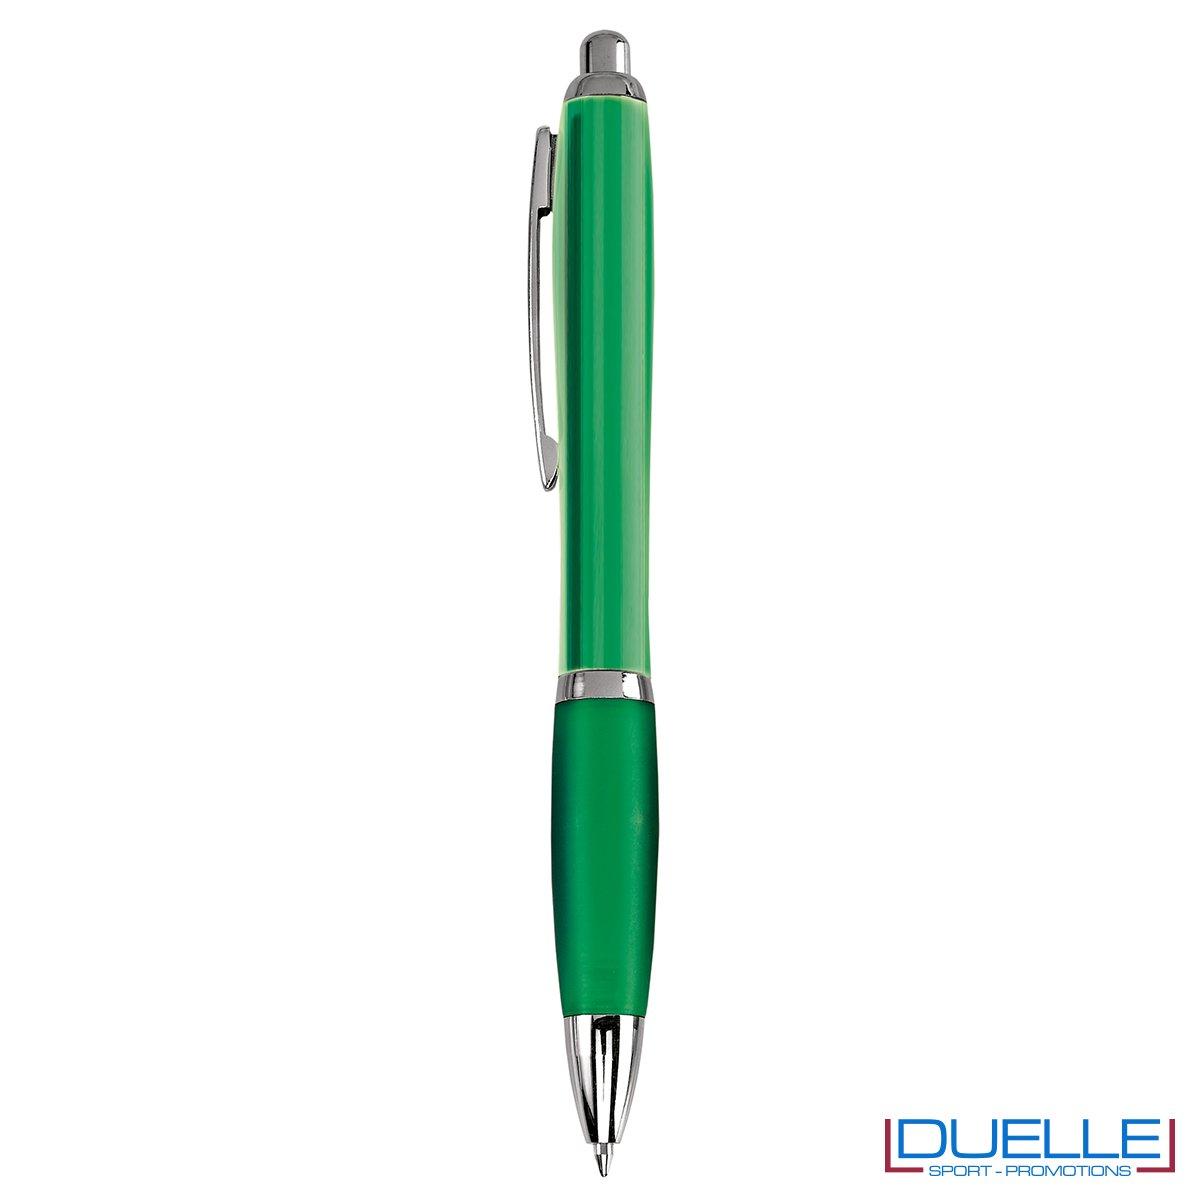 Penna economica personalizzata fusto traslucido colore verde